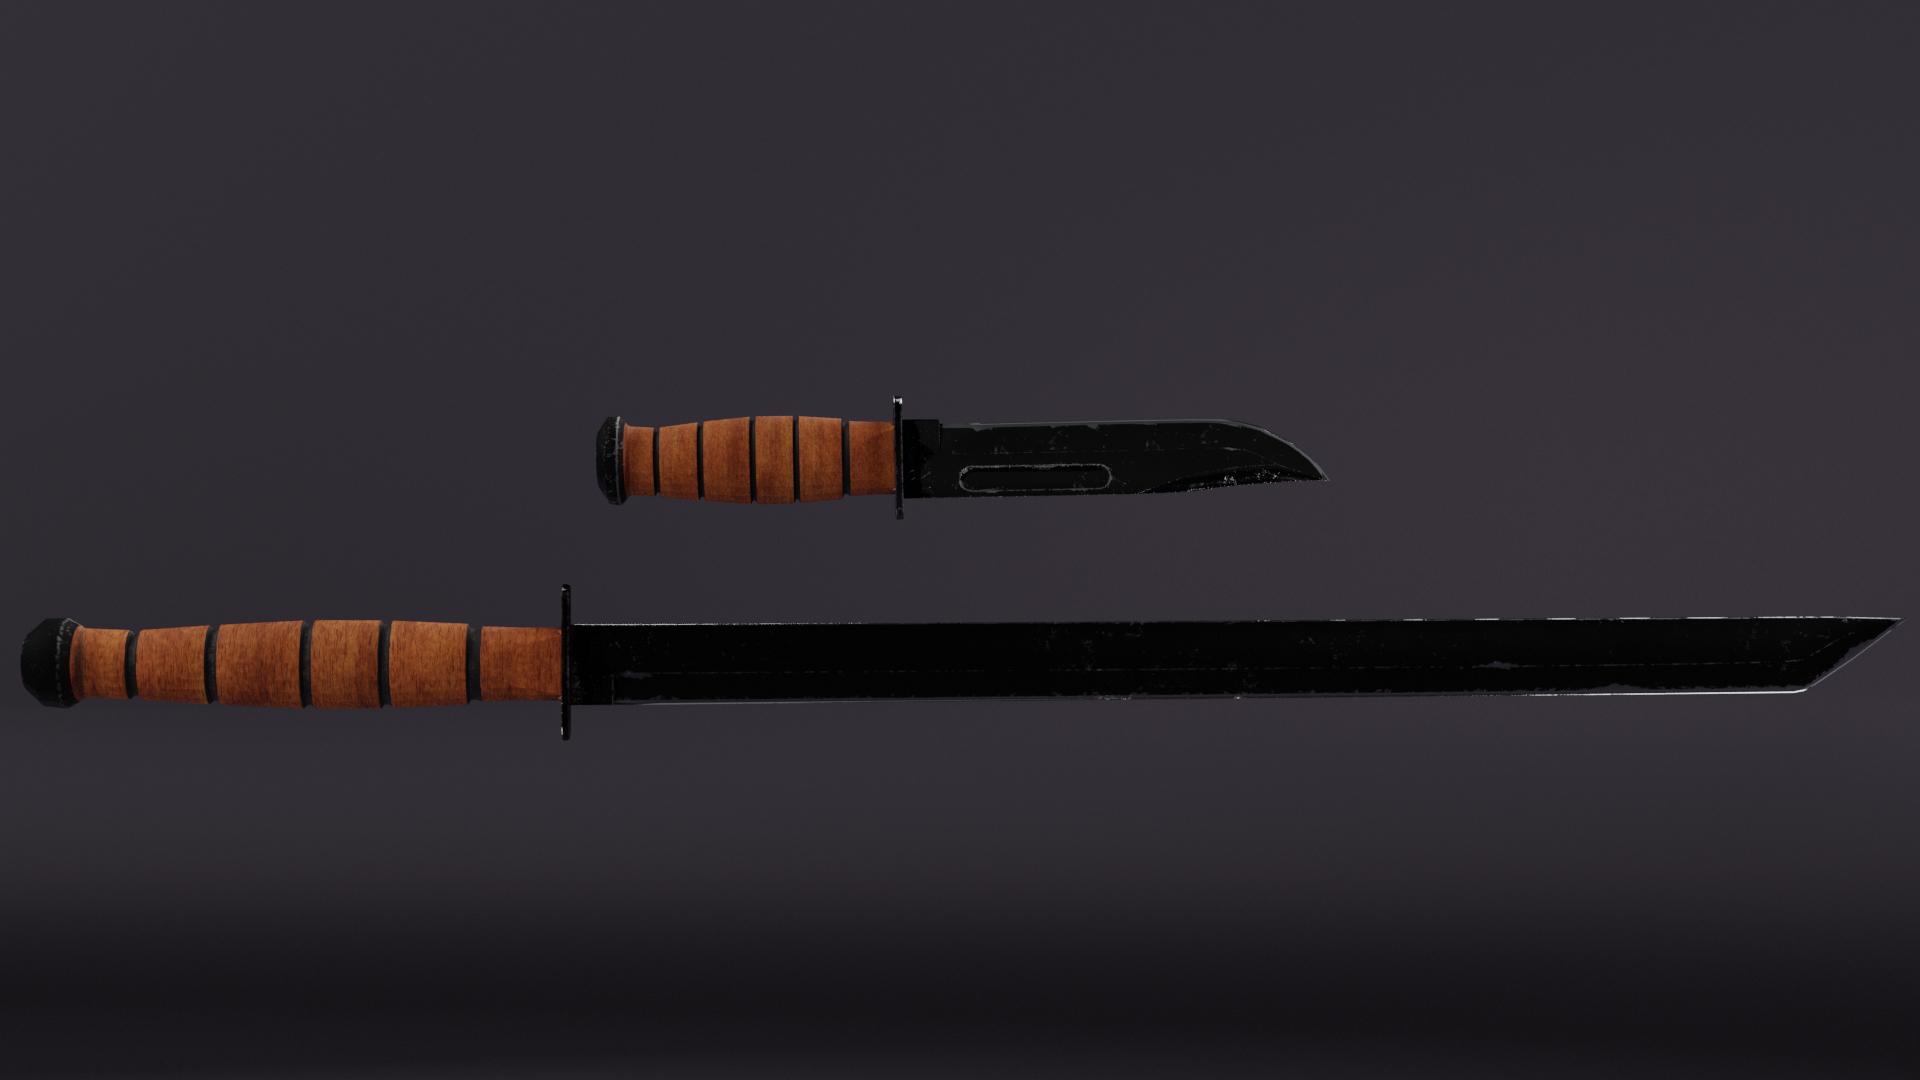 3D sword knife model